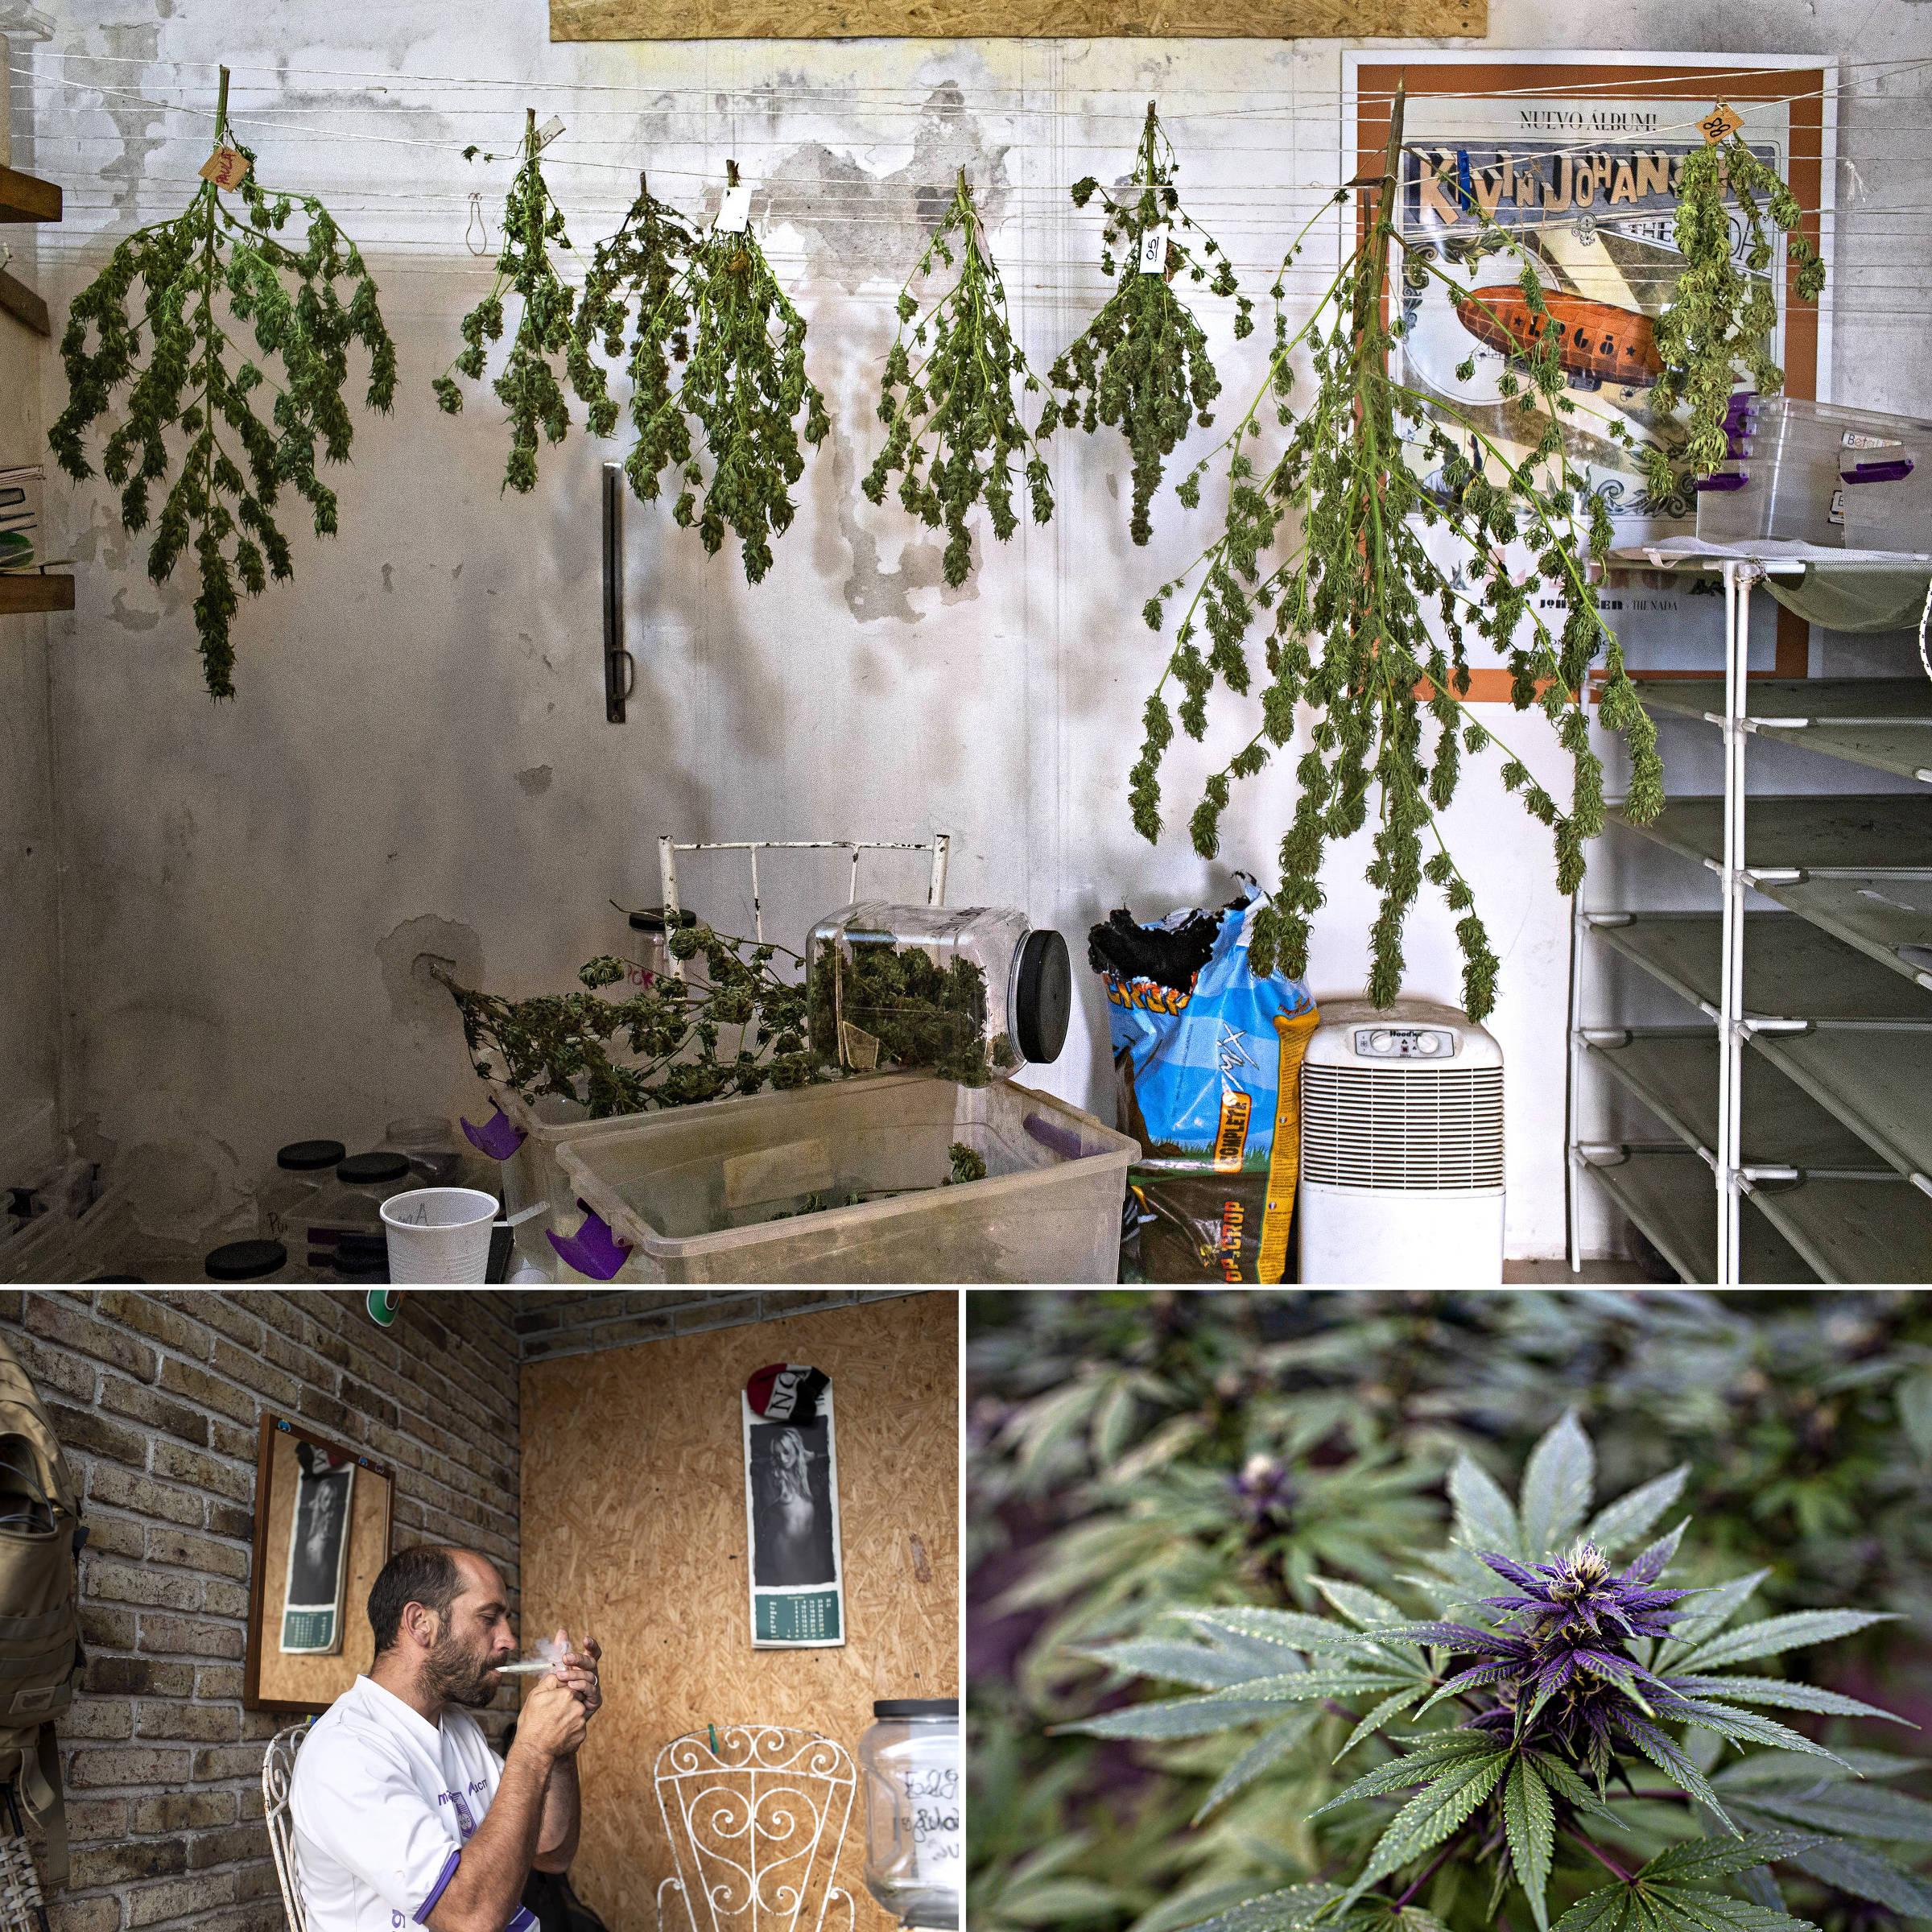 Clube de cultivo de Guillermo Amandola (embaixo, à esq.), próximo a Montevidéu